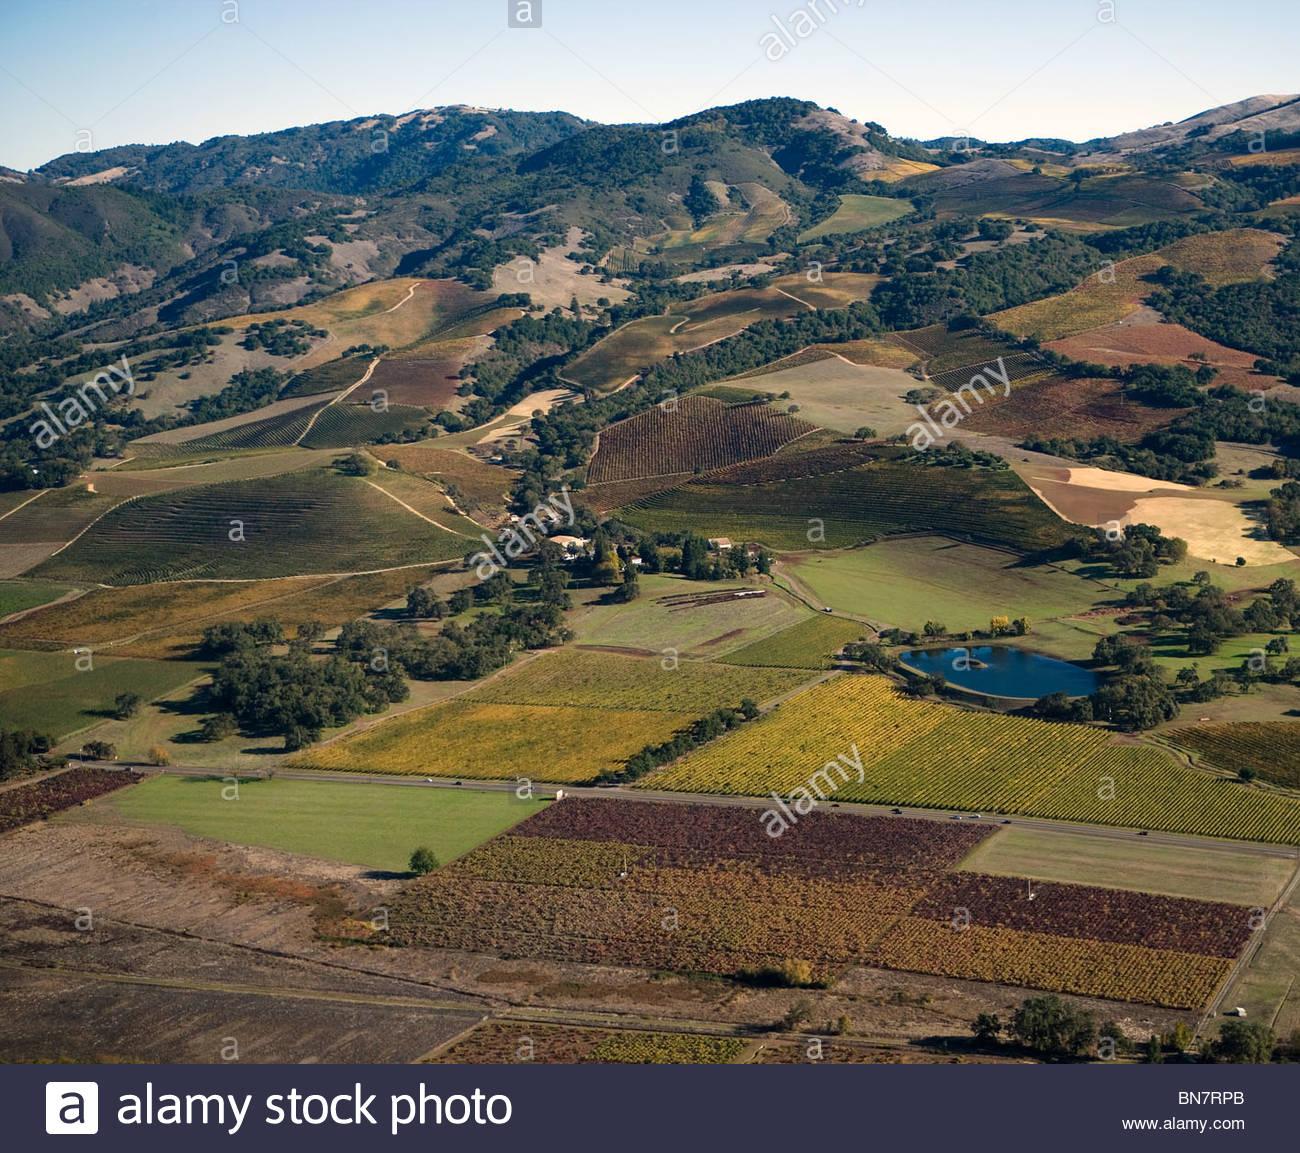 Mayacamas Vineyards - where Bing was caretaker